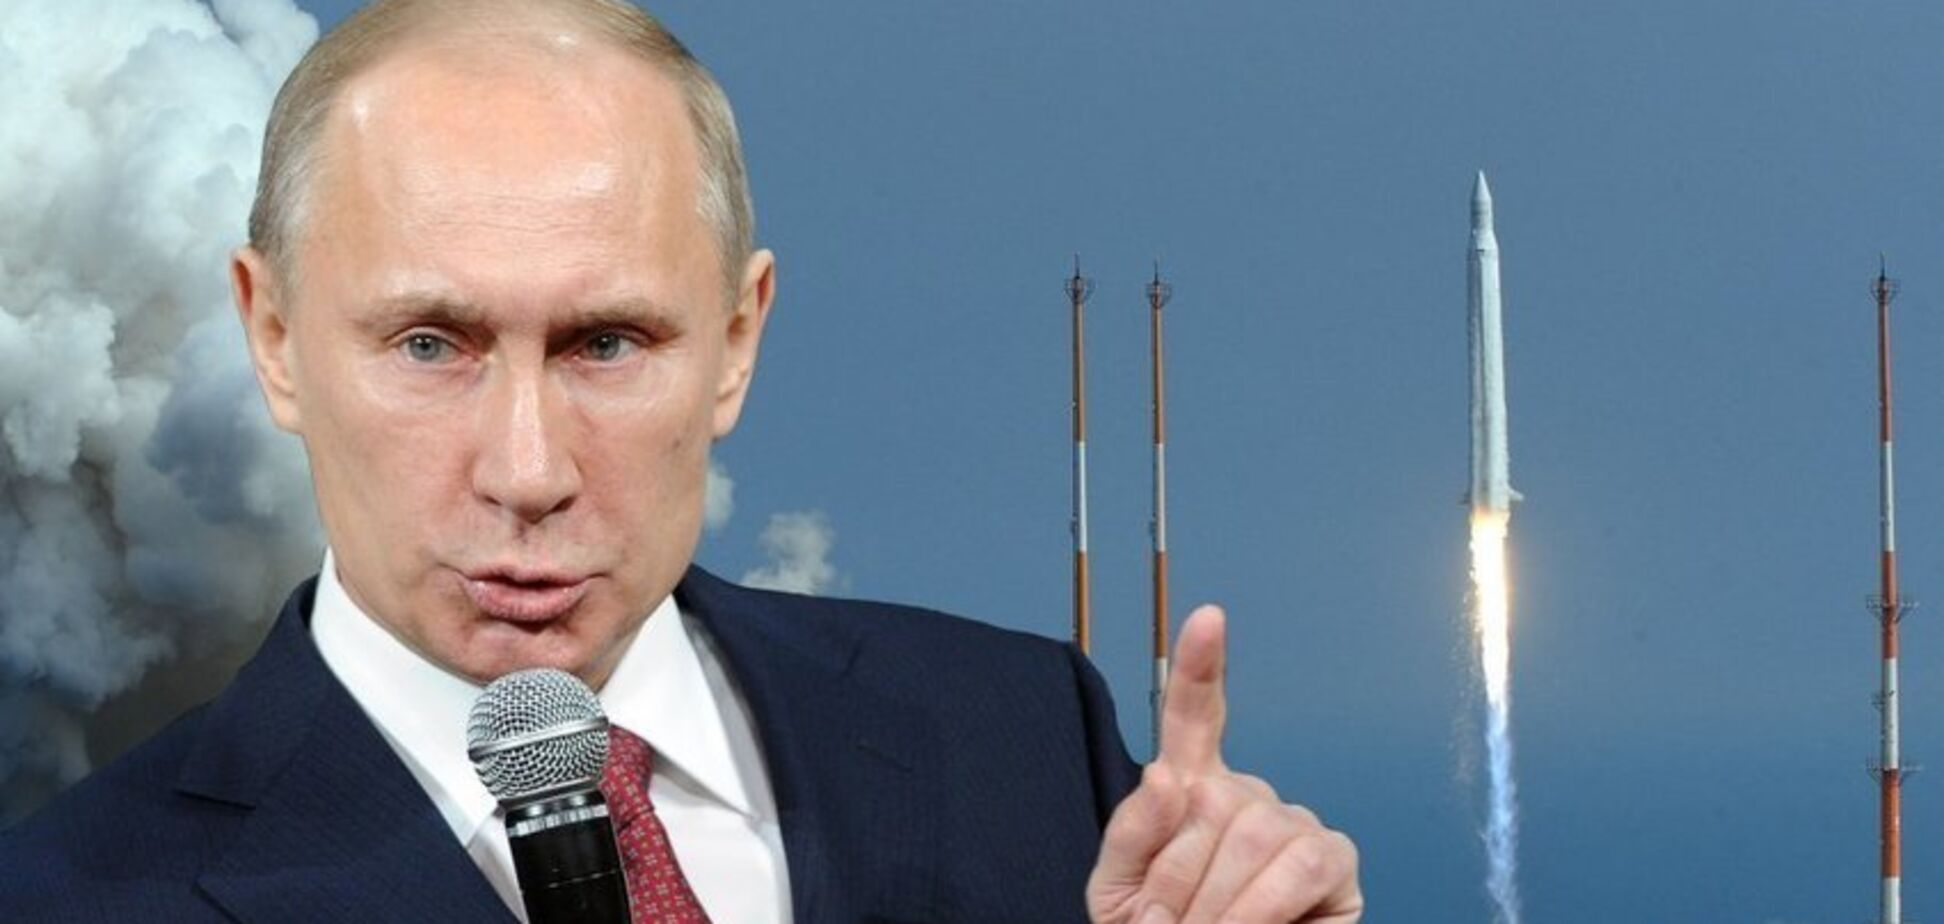 Мультяшные войска: Путина заподозрили в создании фэйка